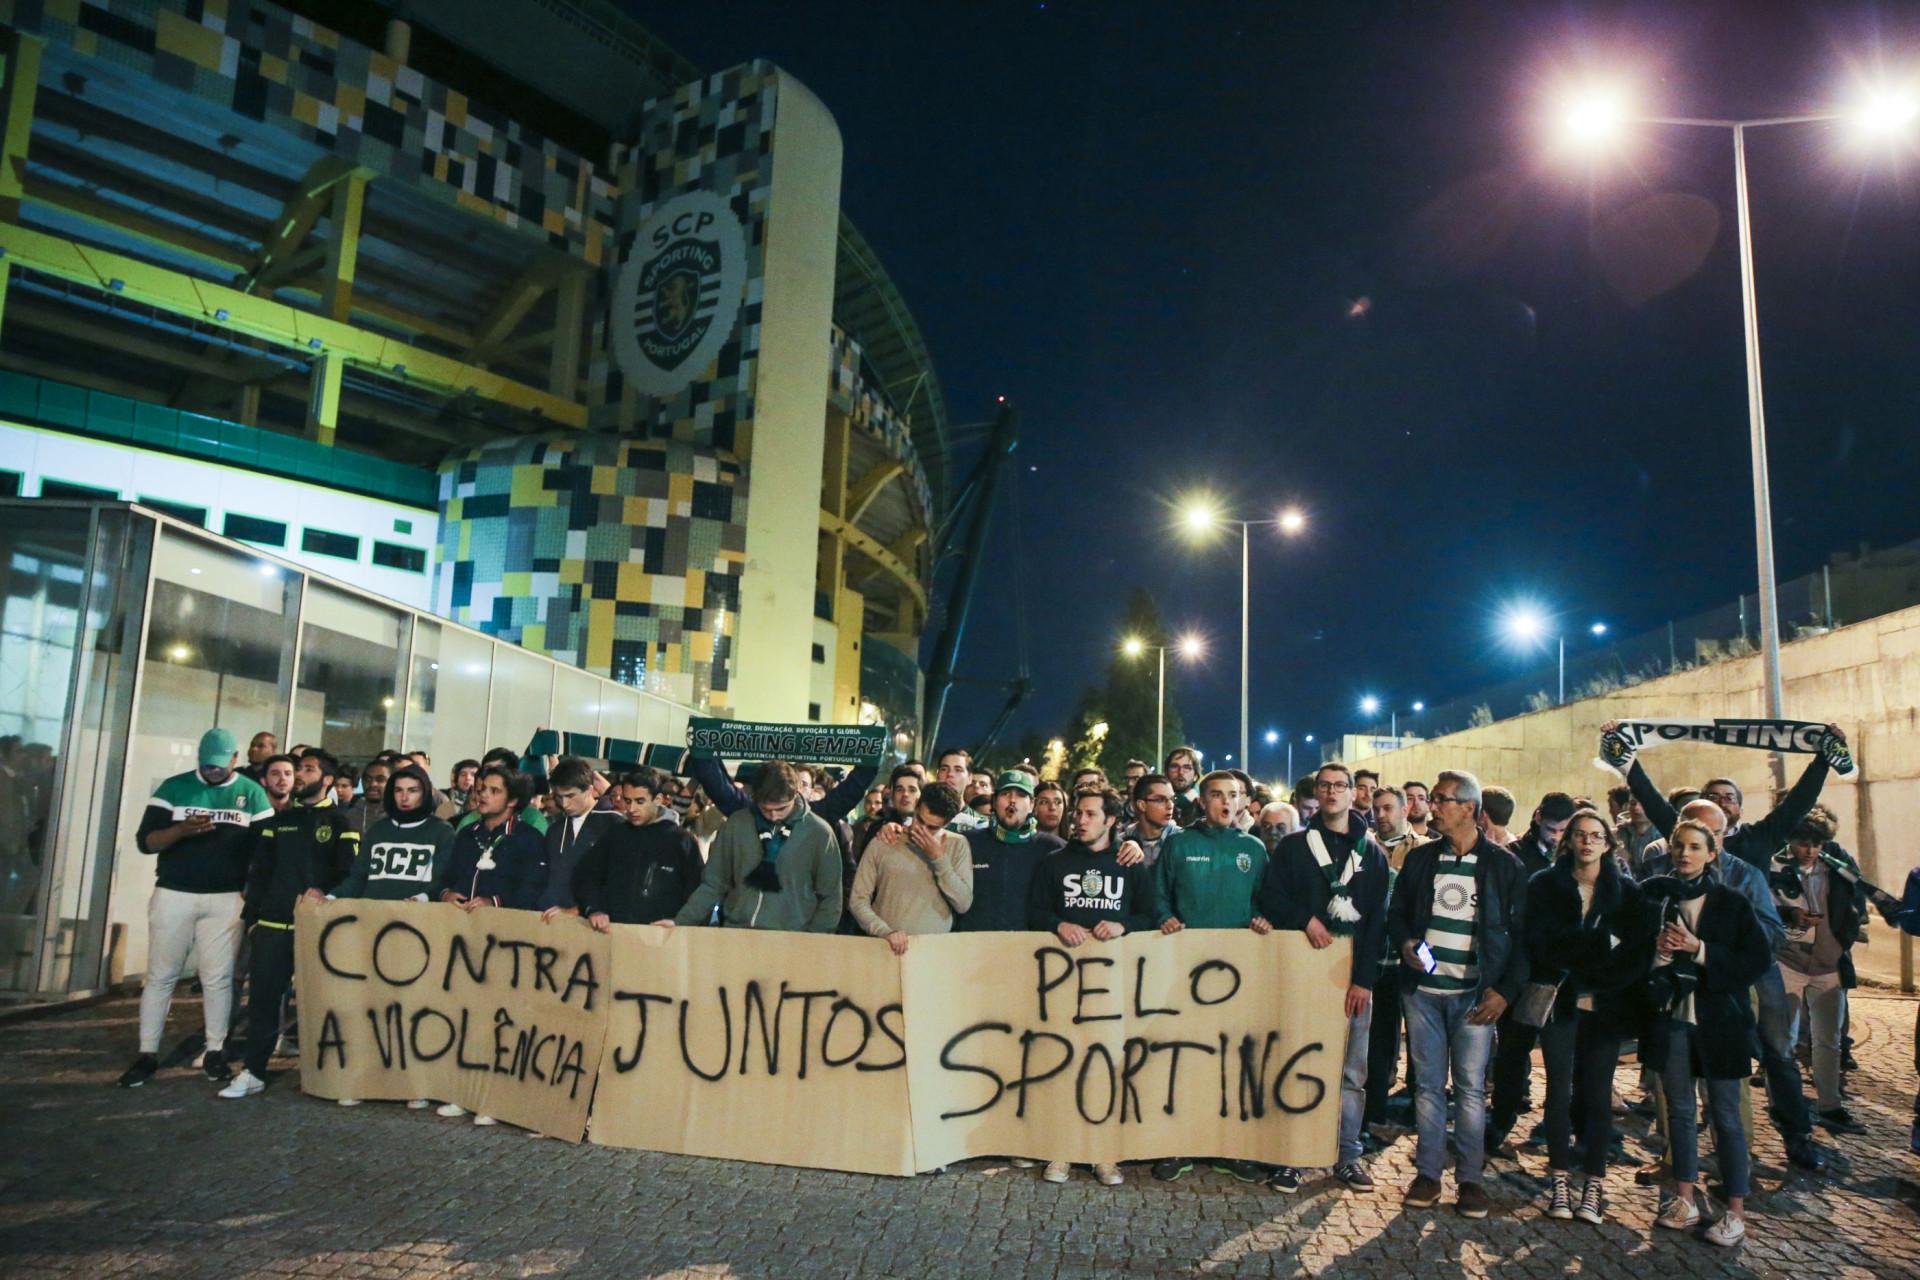 Jogadores do Sporting confirmam presença na final — OFICIAL